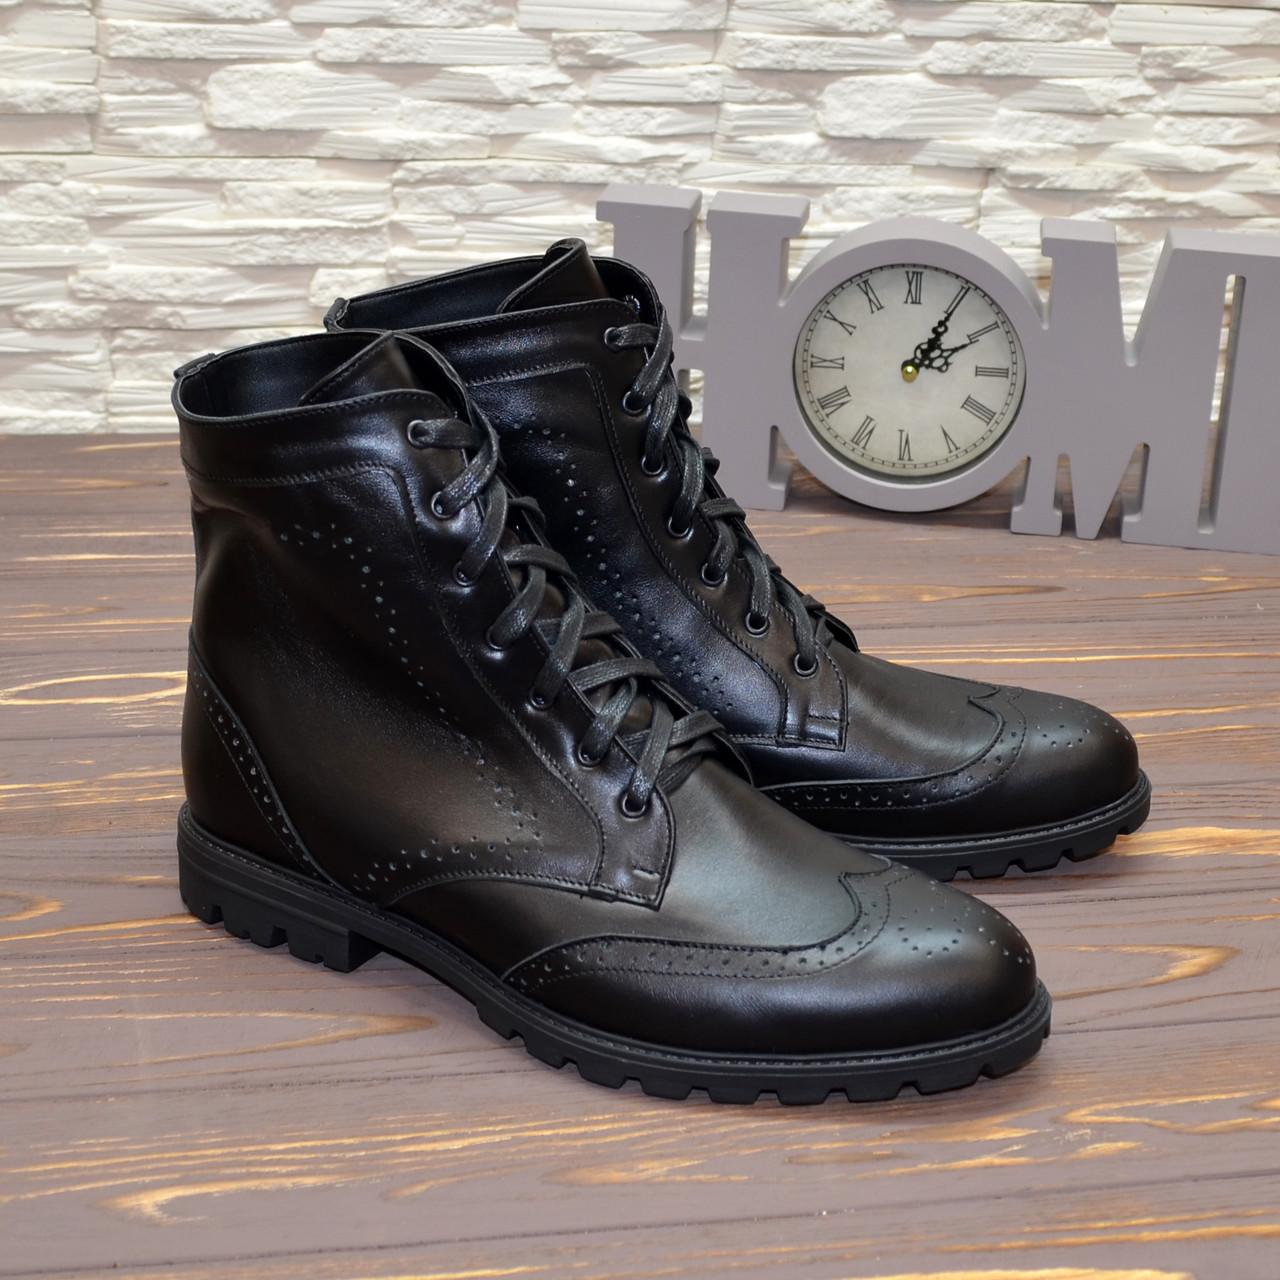 Ботинки мужские на шнурках, натуральная кожа черного цвета